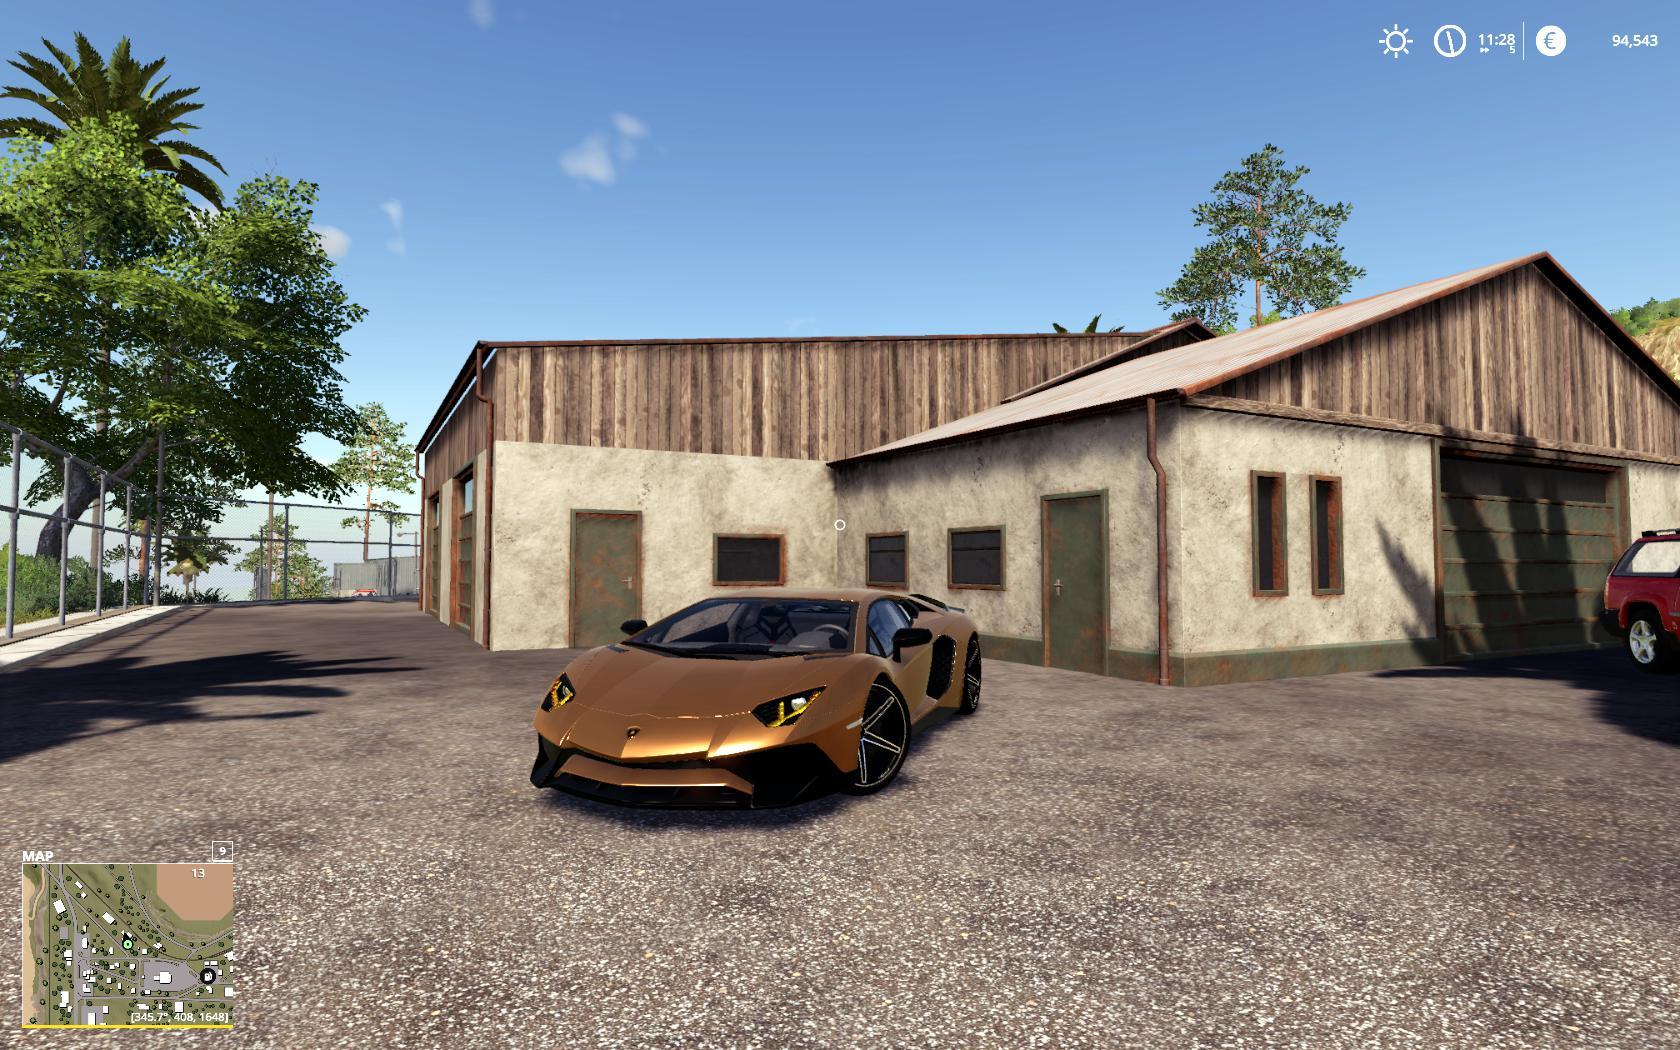 FS19 Lamborghini Aventador LP750-4 SV v1 0 - Farming